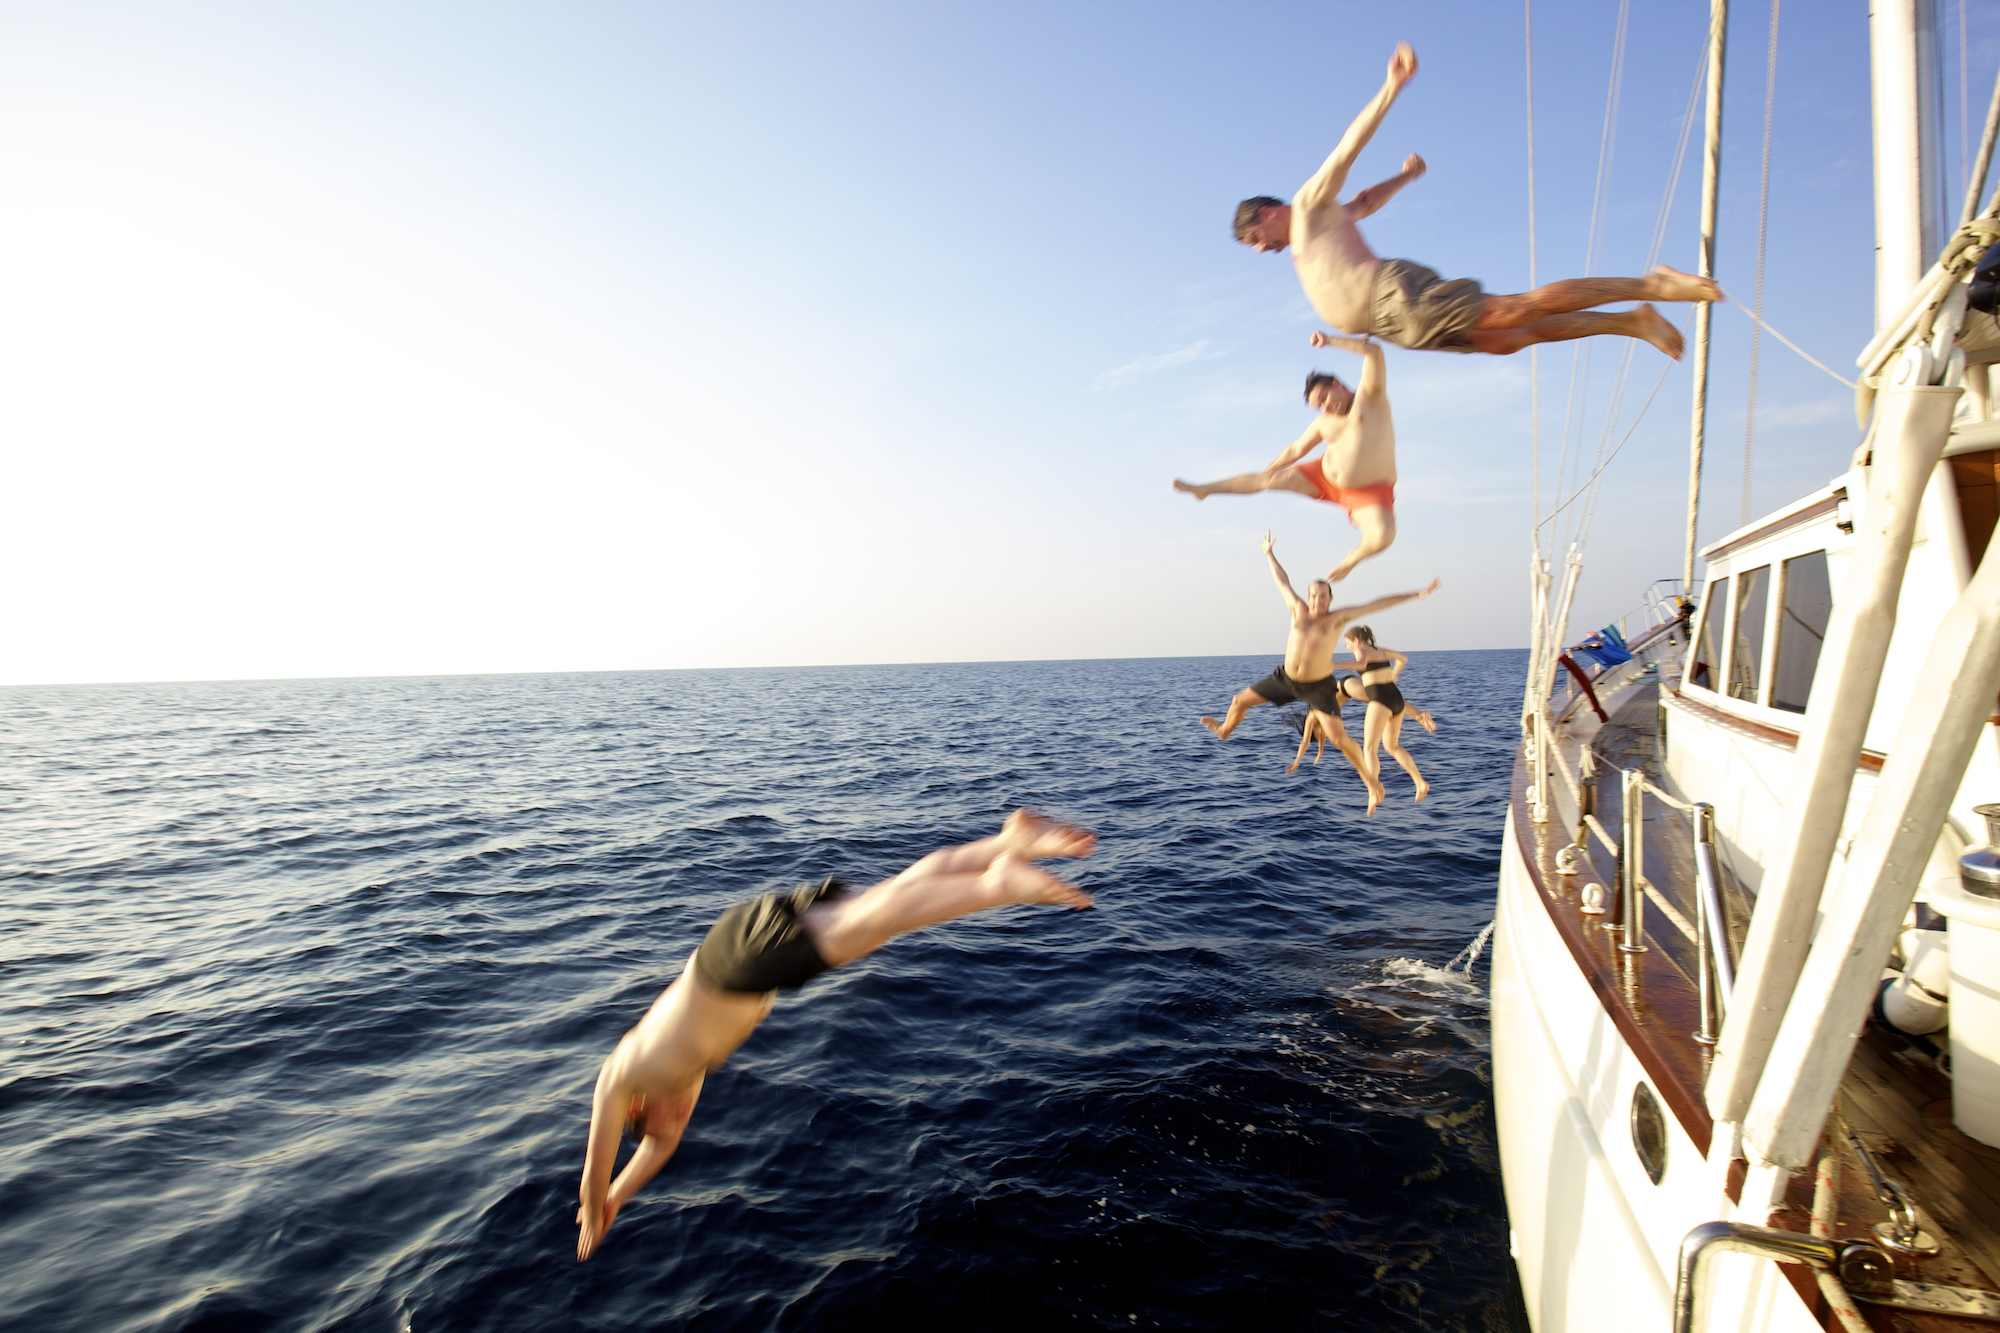 BB_MetaIV_jumpinginthewater.jpg